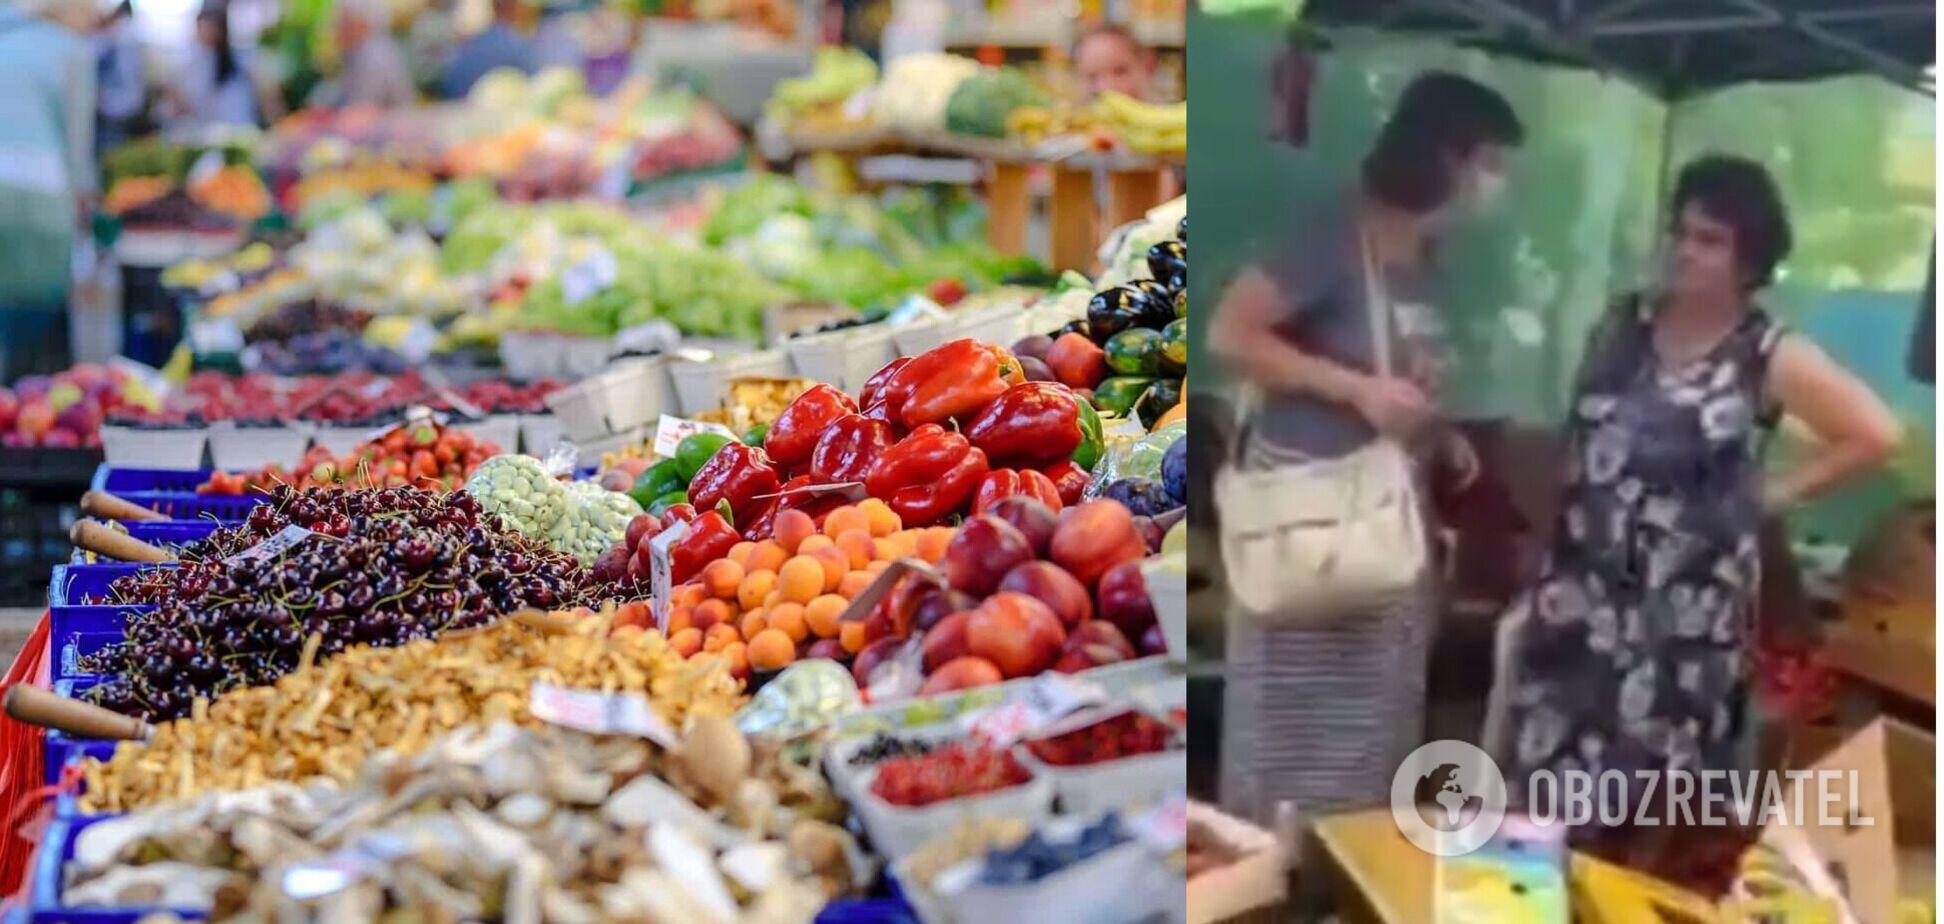 В Одесі жінка влаштувала погром овочевого намету, розташованого біля будинку. Відео